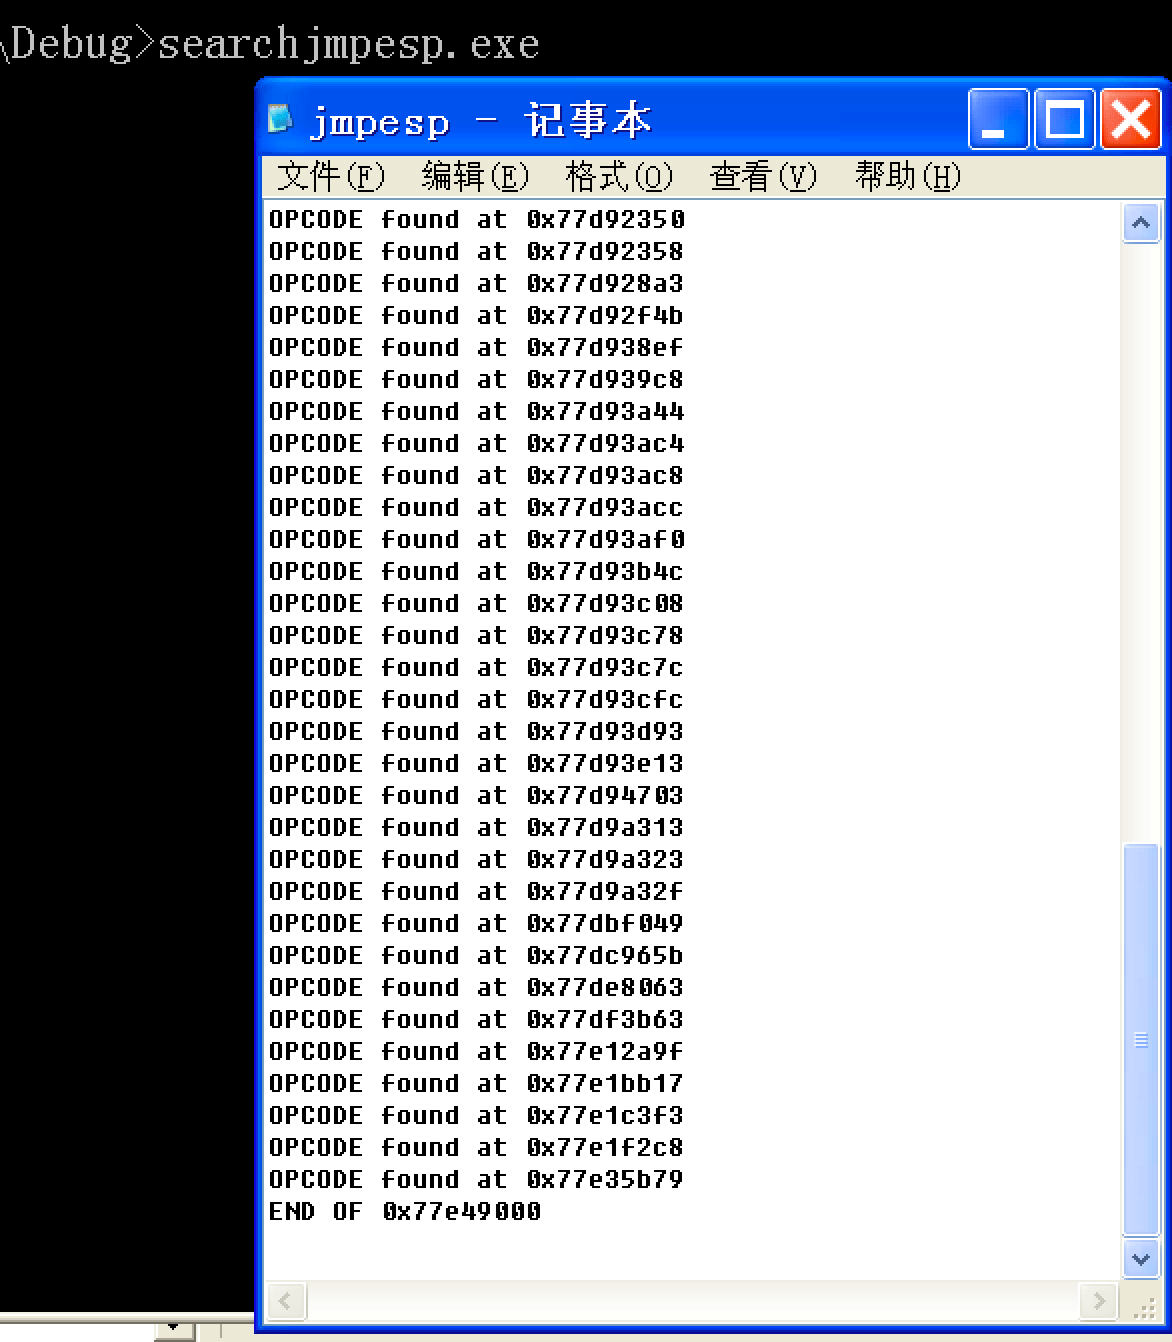 Screen Shot 2018-06-20 at 3.42.36 PM.png